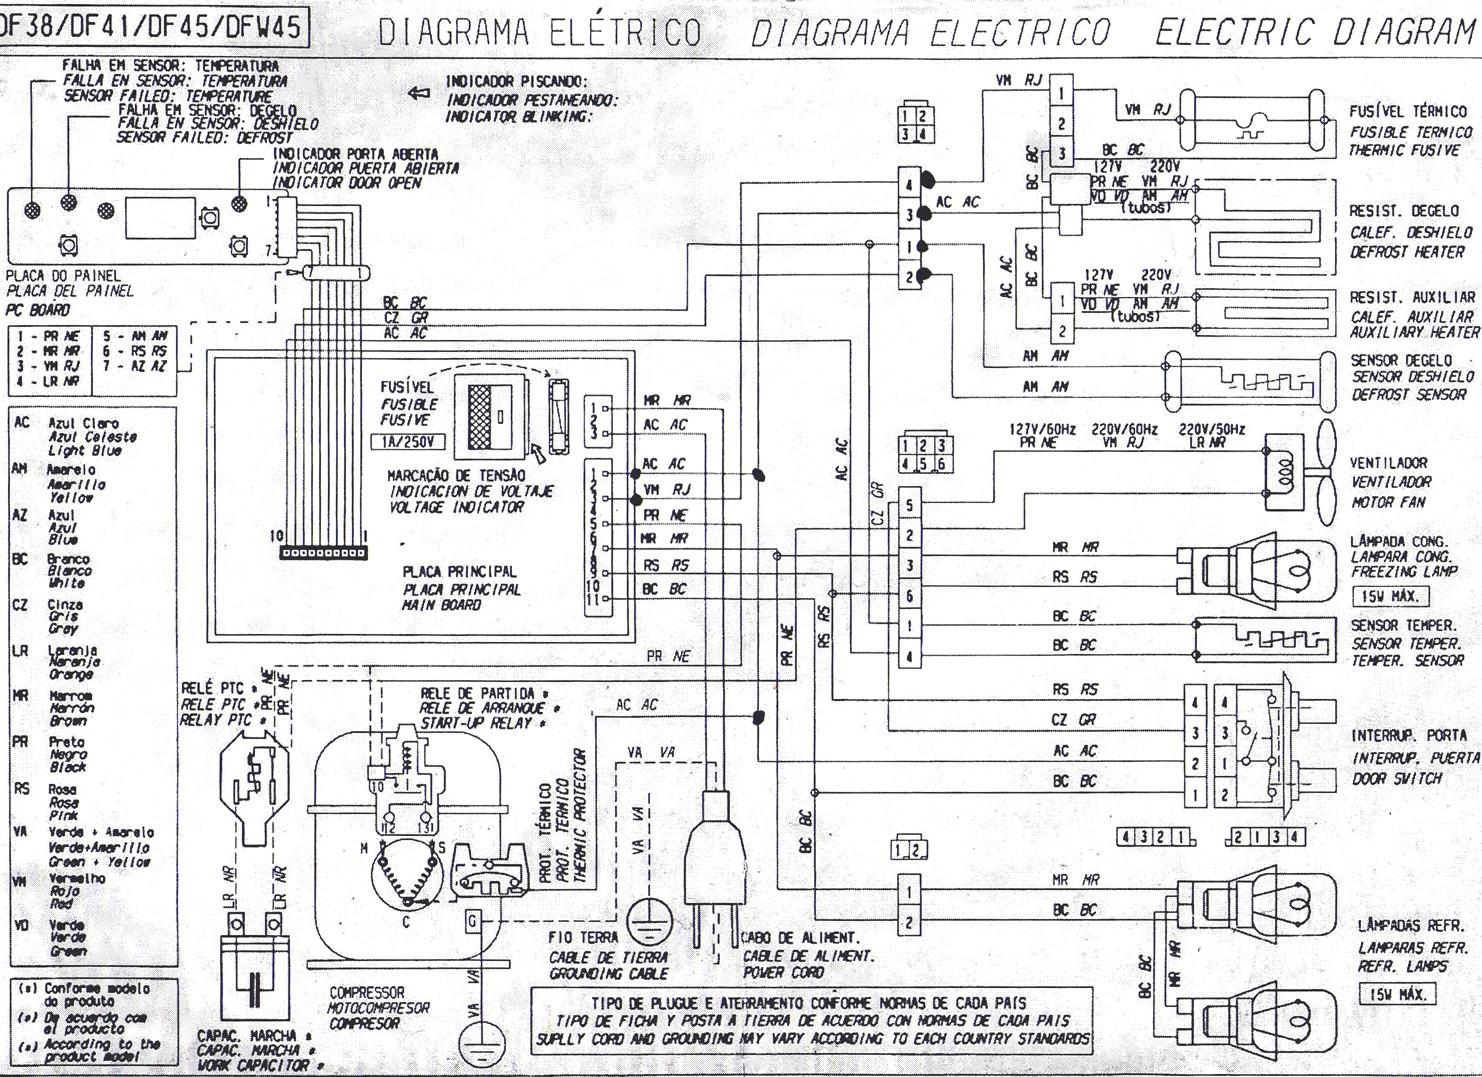 Solucionado: diagrama electrico heladera elecrolux DFW 45